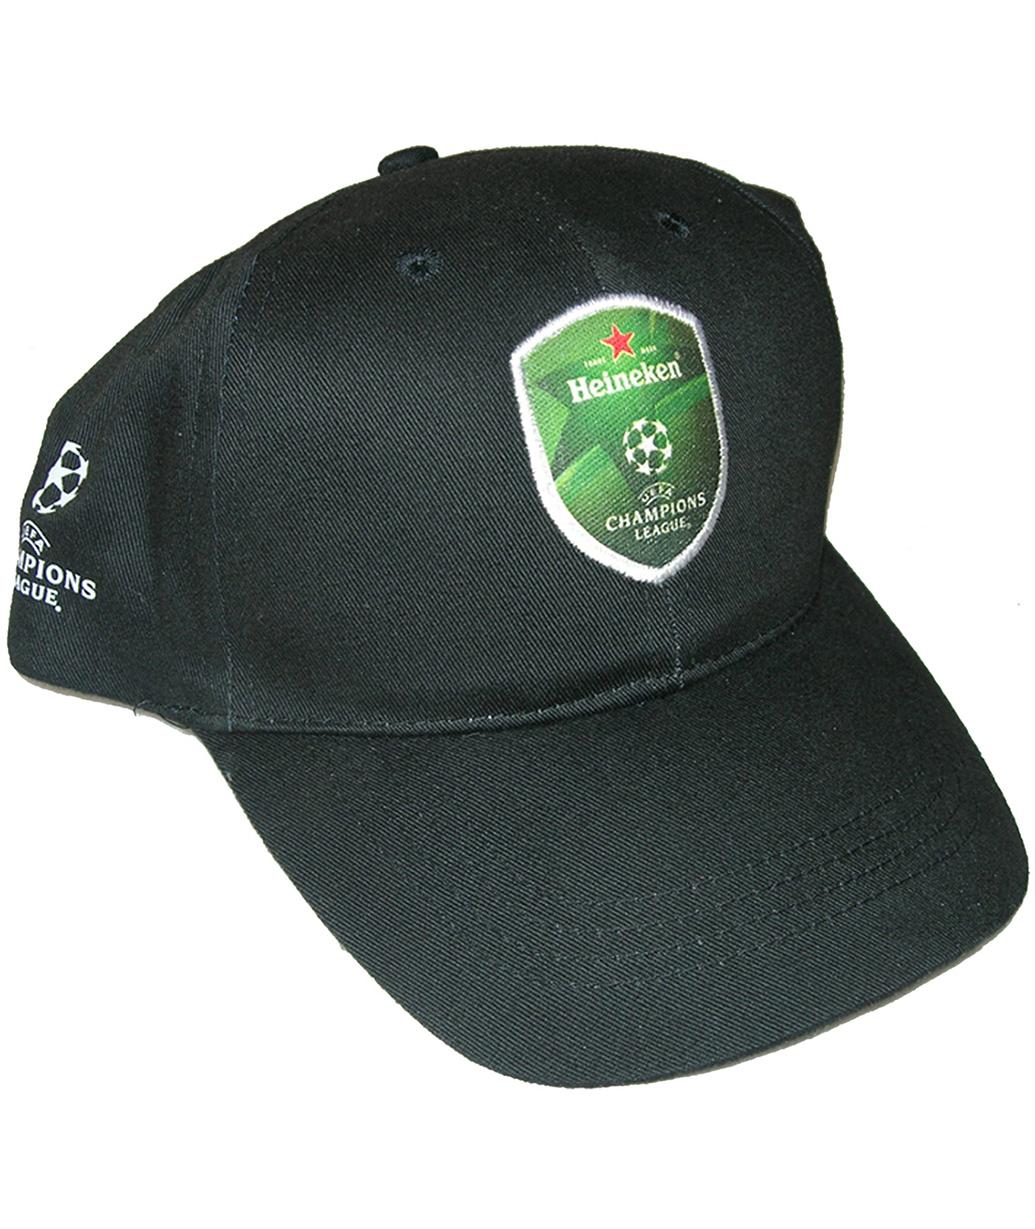 Καπέλο Heineken